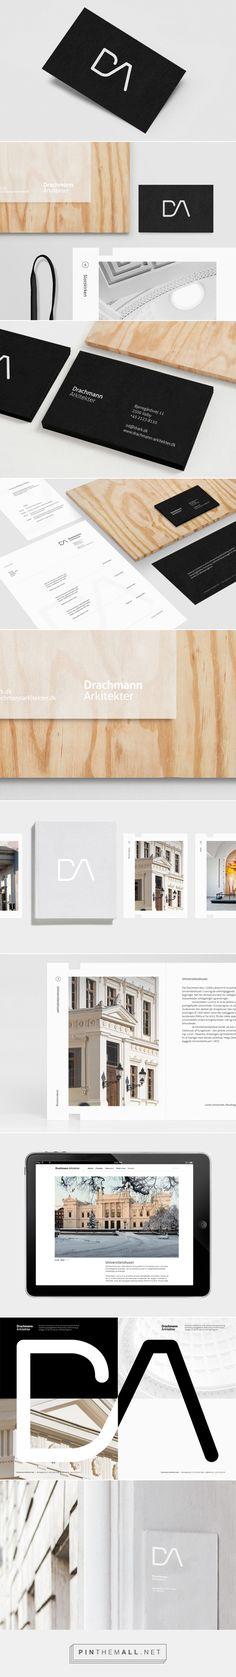 DA Architects by Daniel Siim